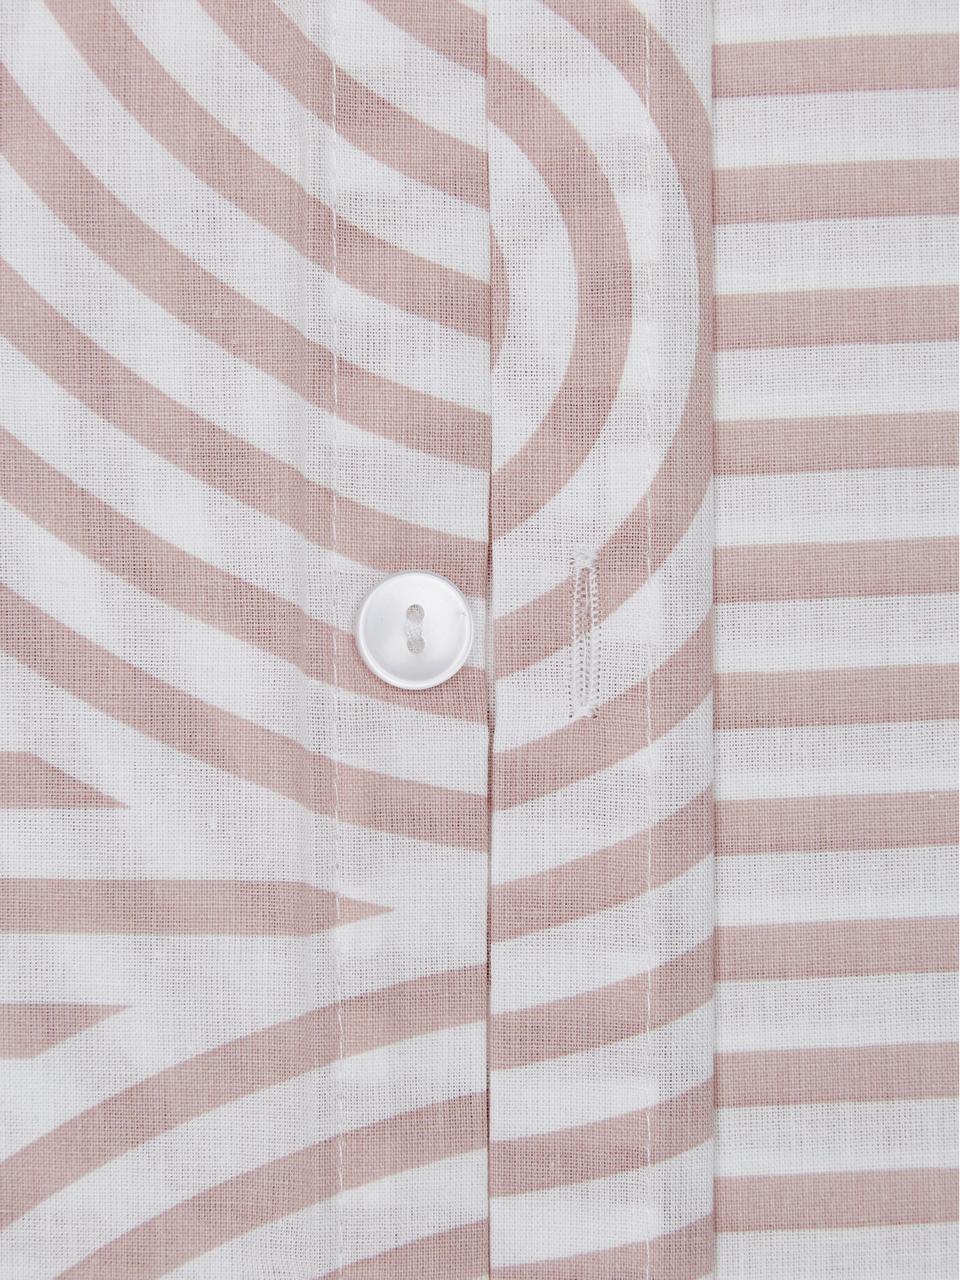 Gemusterte Baumwoll-Bettwäsche Arcs in Altrosa/Weiß, Webart: Renforcé Fadendichte 144 , Rosa,Weiß, 240 x 220 cm + 2 Kissen 80 x 80 cm